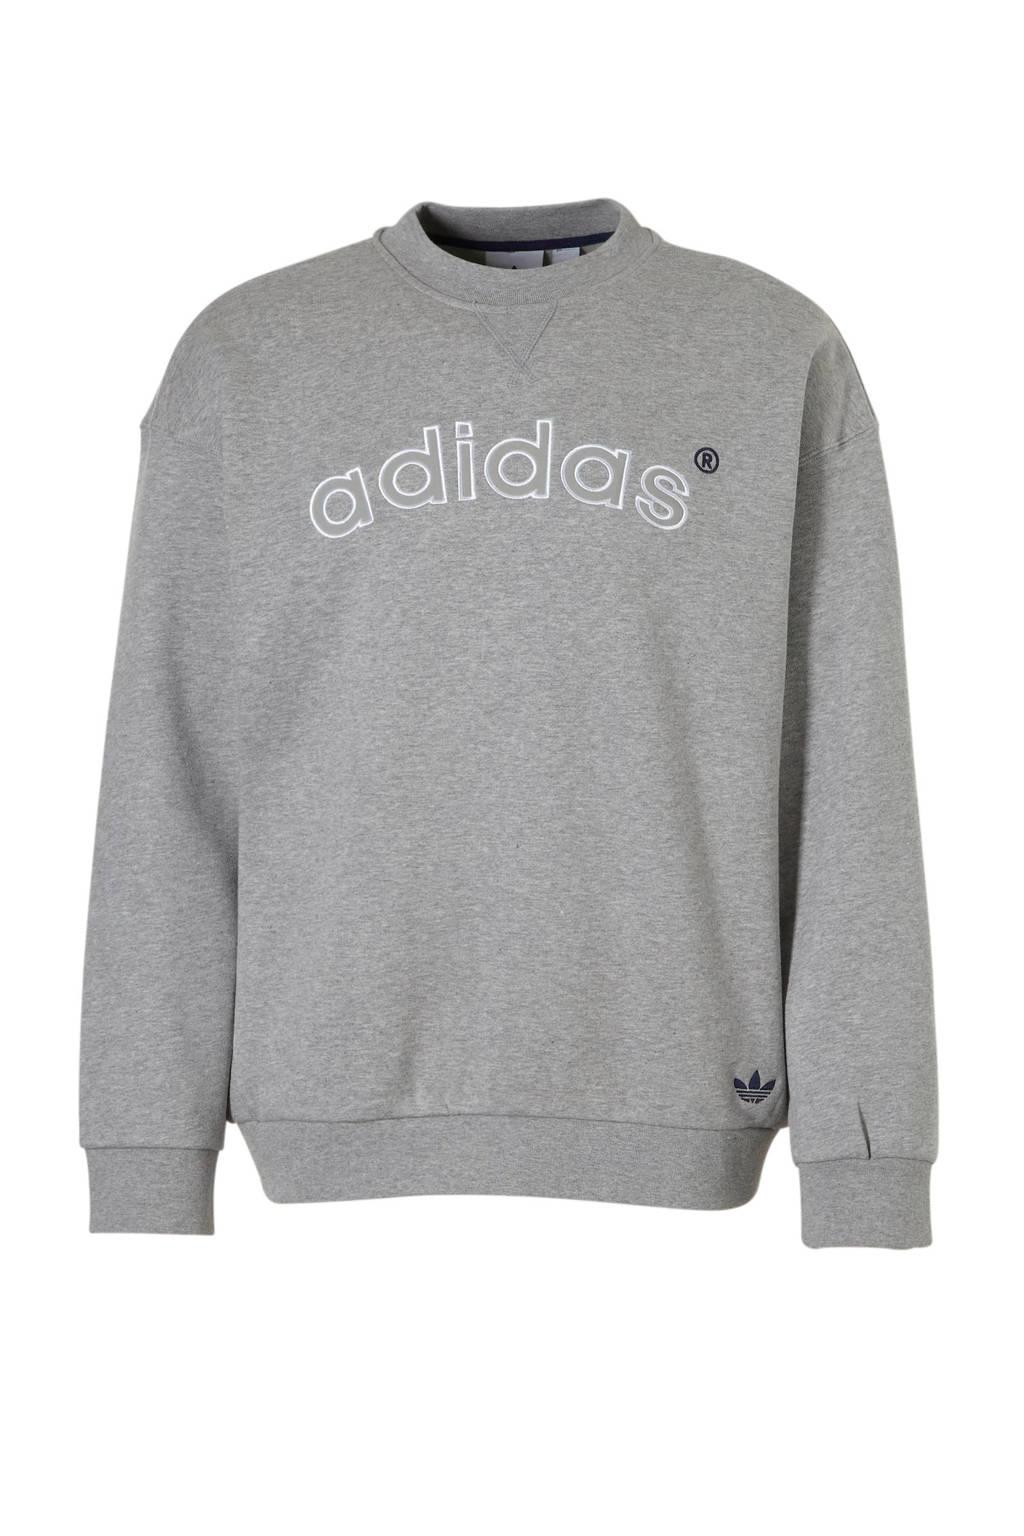 adidas originals   sweater grijs melange, Grijs melange